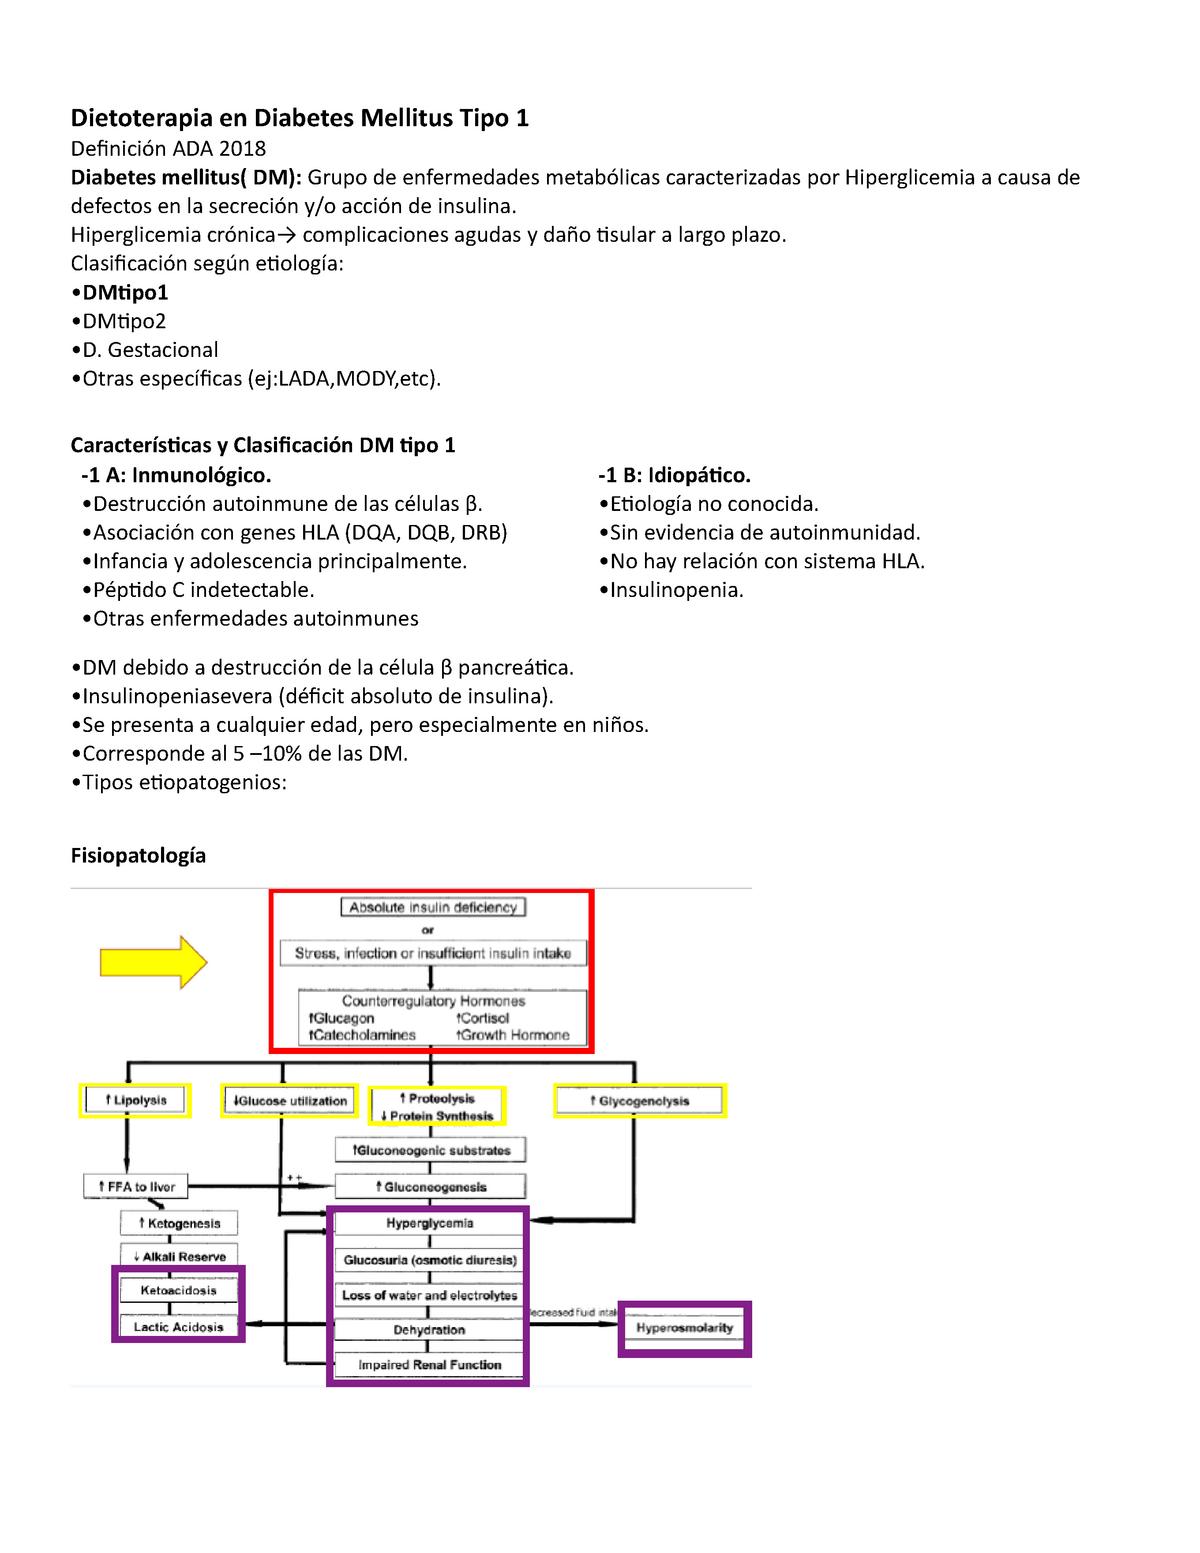 característica de la diabetes mellitus tipo 1 mediada por el sistema inmune